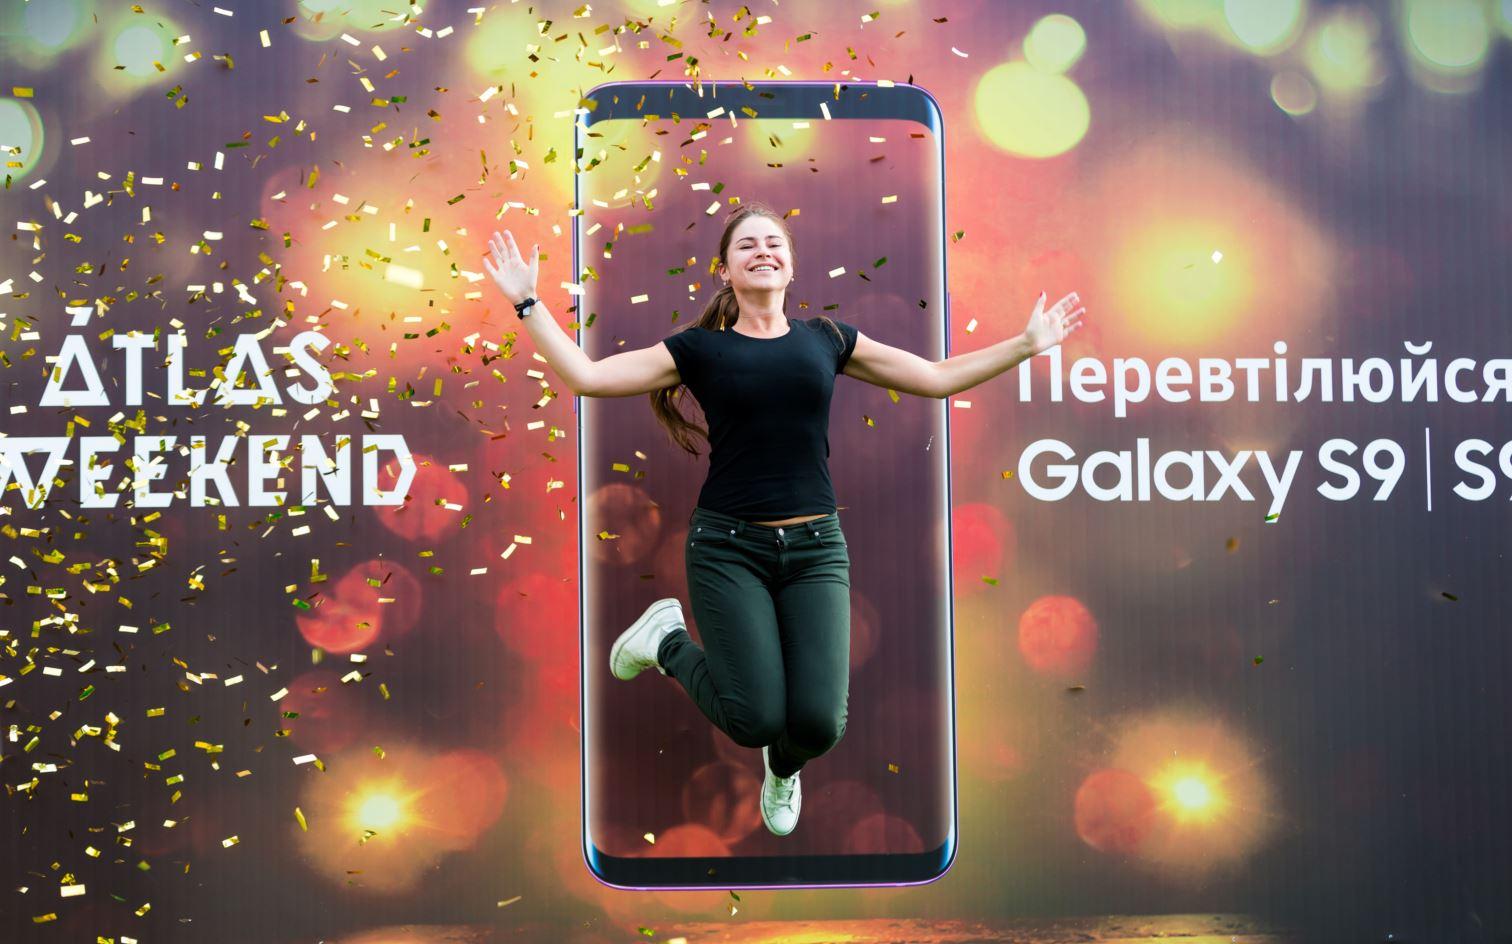 Samsung Galaxy Studio открывается на музыкальном фестивале Atlas Weekend 2018-Фото 3